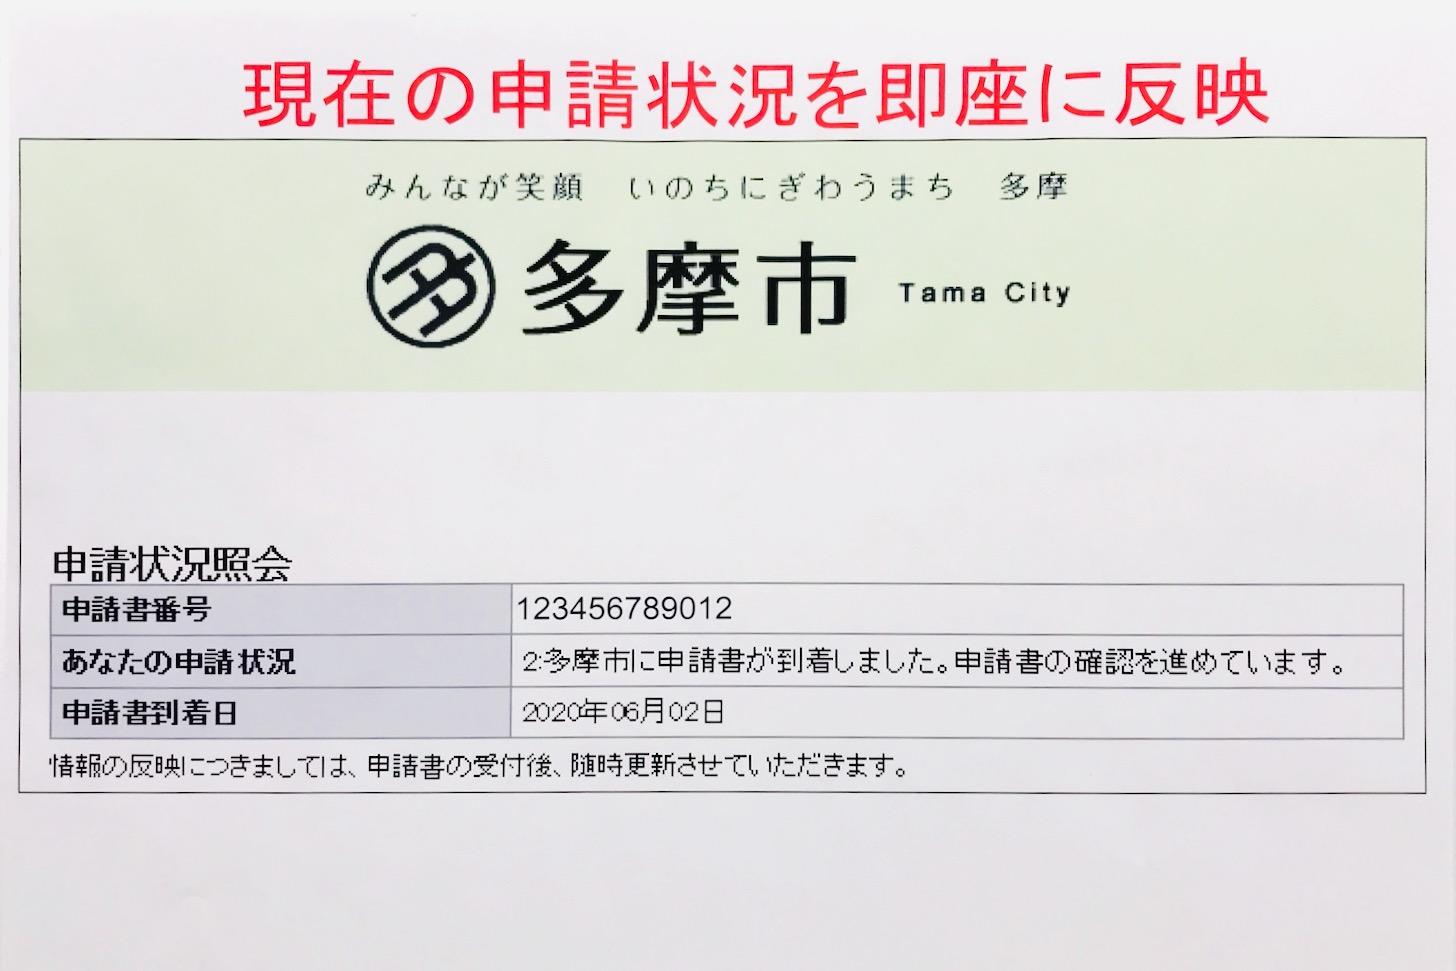 多摩市の特別定額給付金申請状況確認サイトのデモ画面